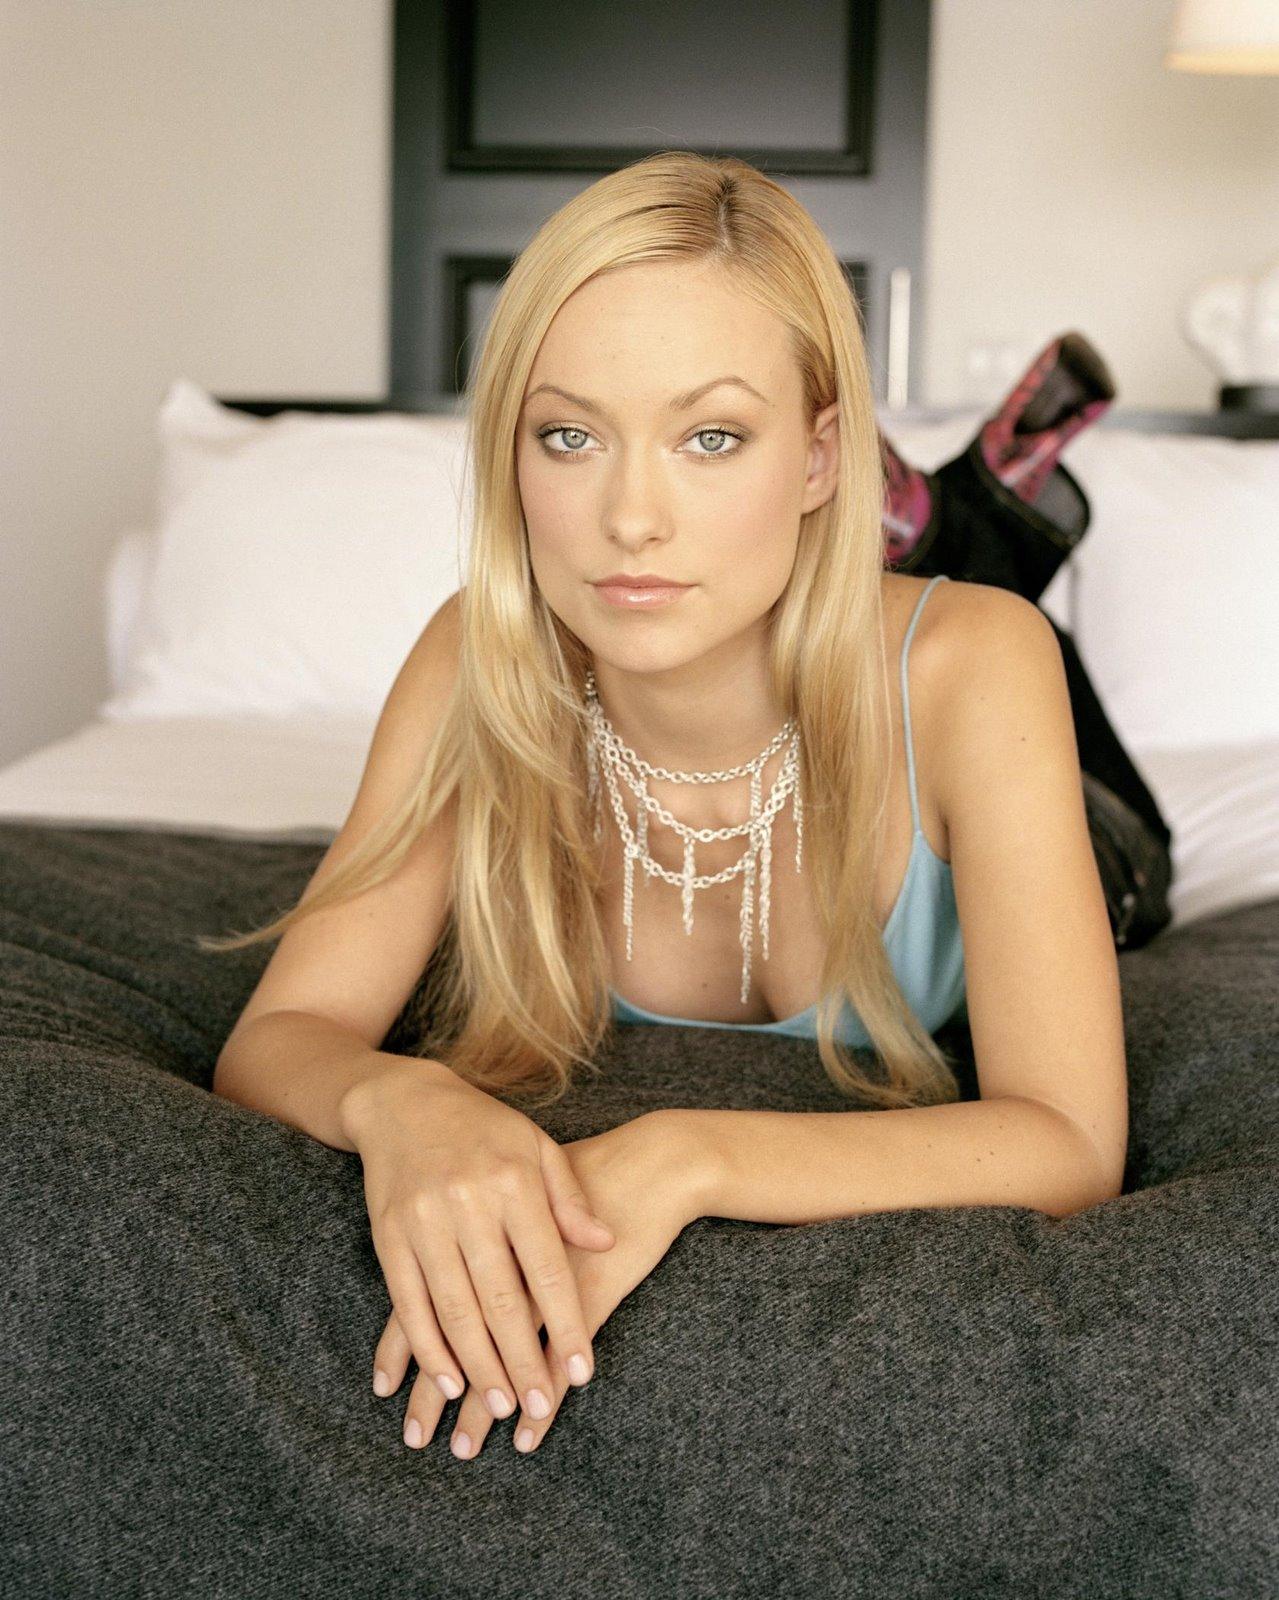 http://3.bp.blogspot.com/-pfZKmVq-5A0/TcfbCbnUyvI/AAAAAAAAEd8/RwDf8TWs2W8/s1600/olivia-wilde-blond.jpg